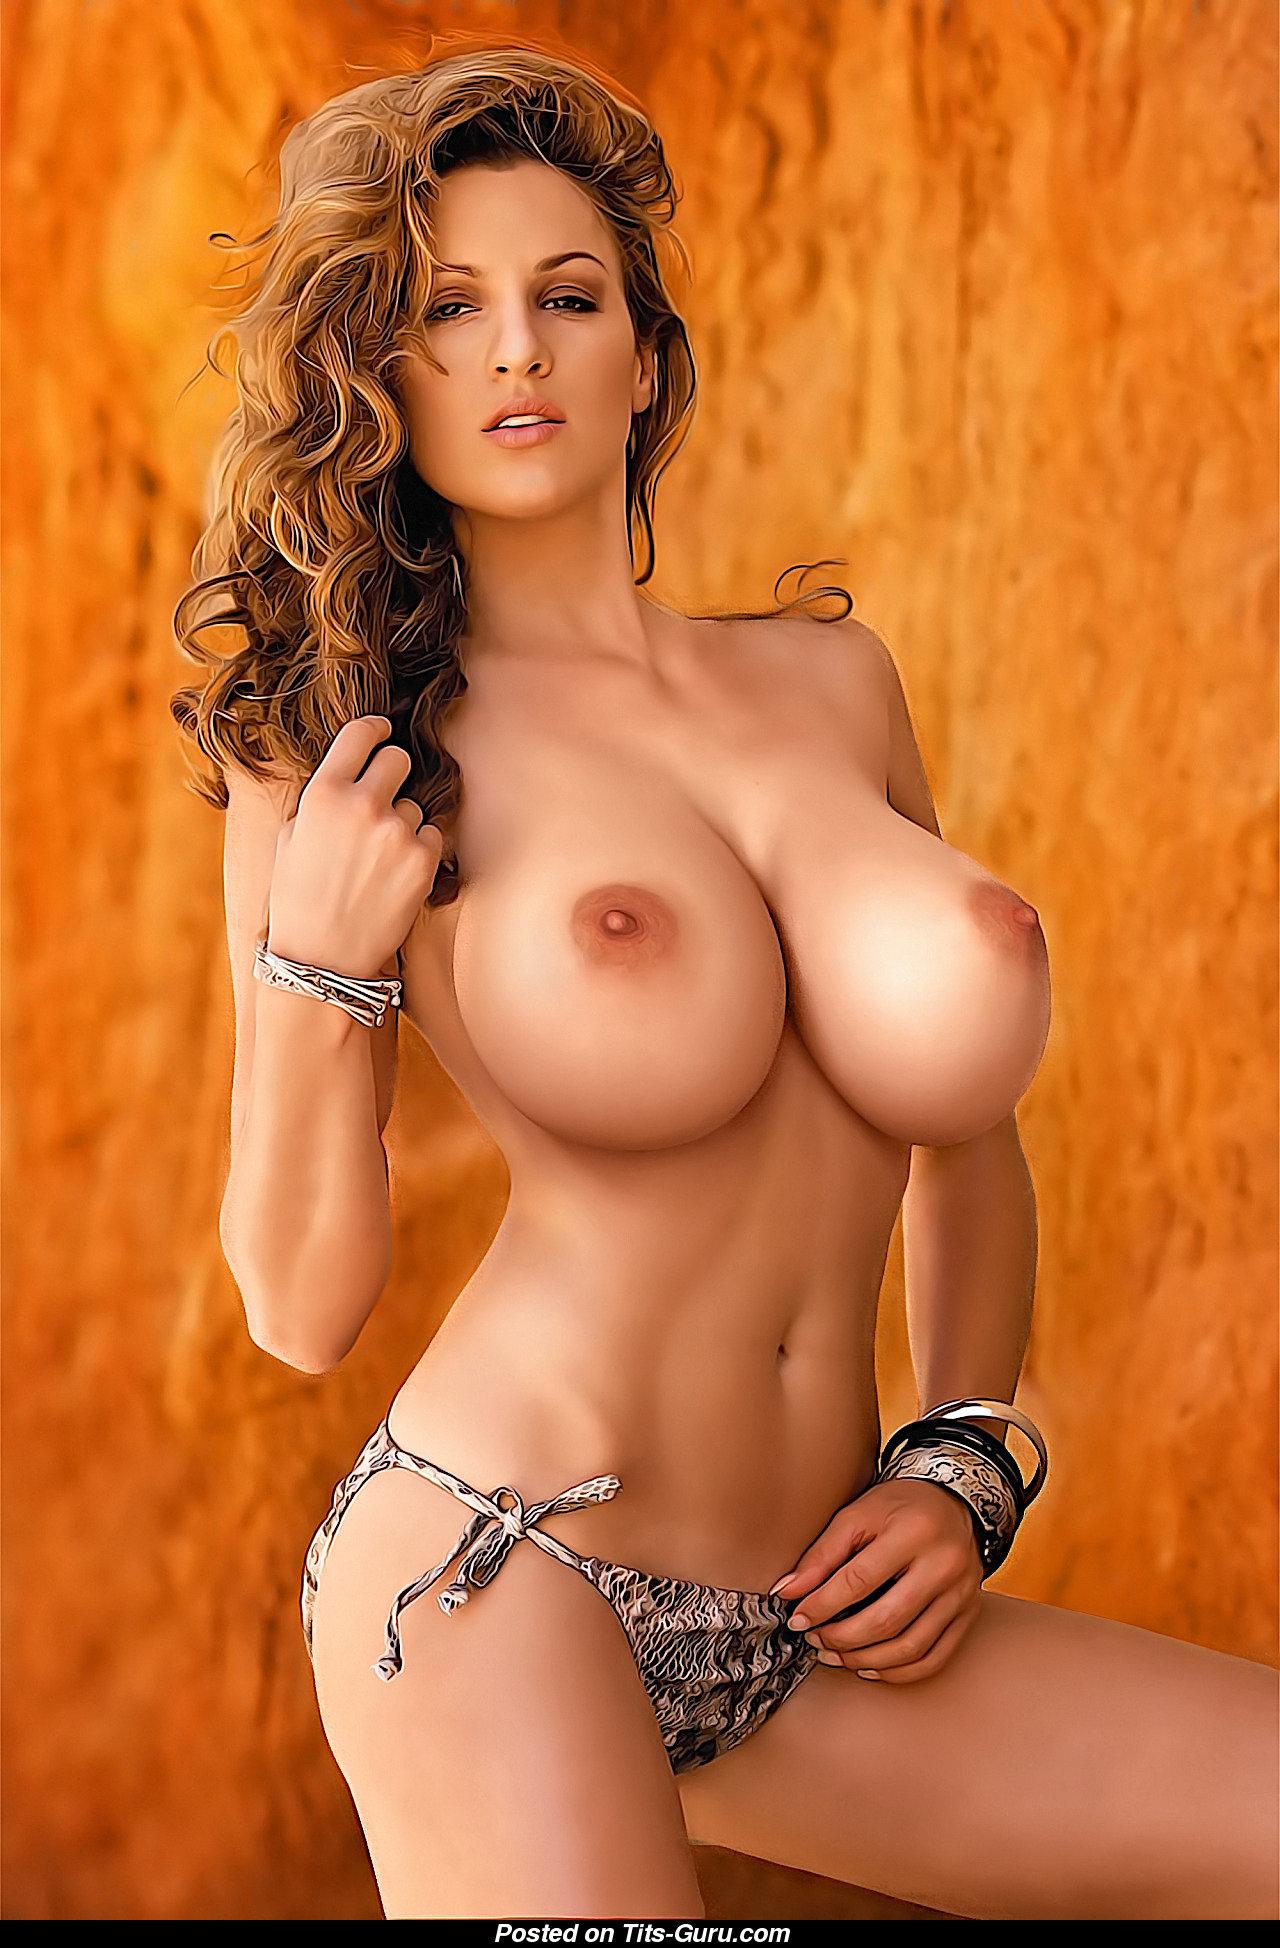 эротичные картинки титястых мадам скачать